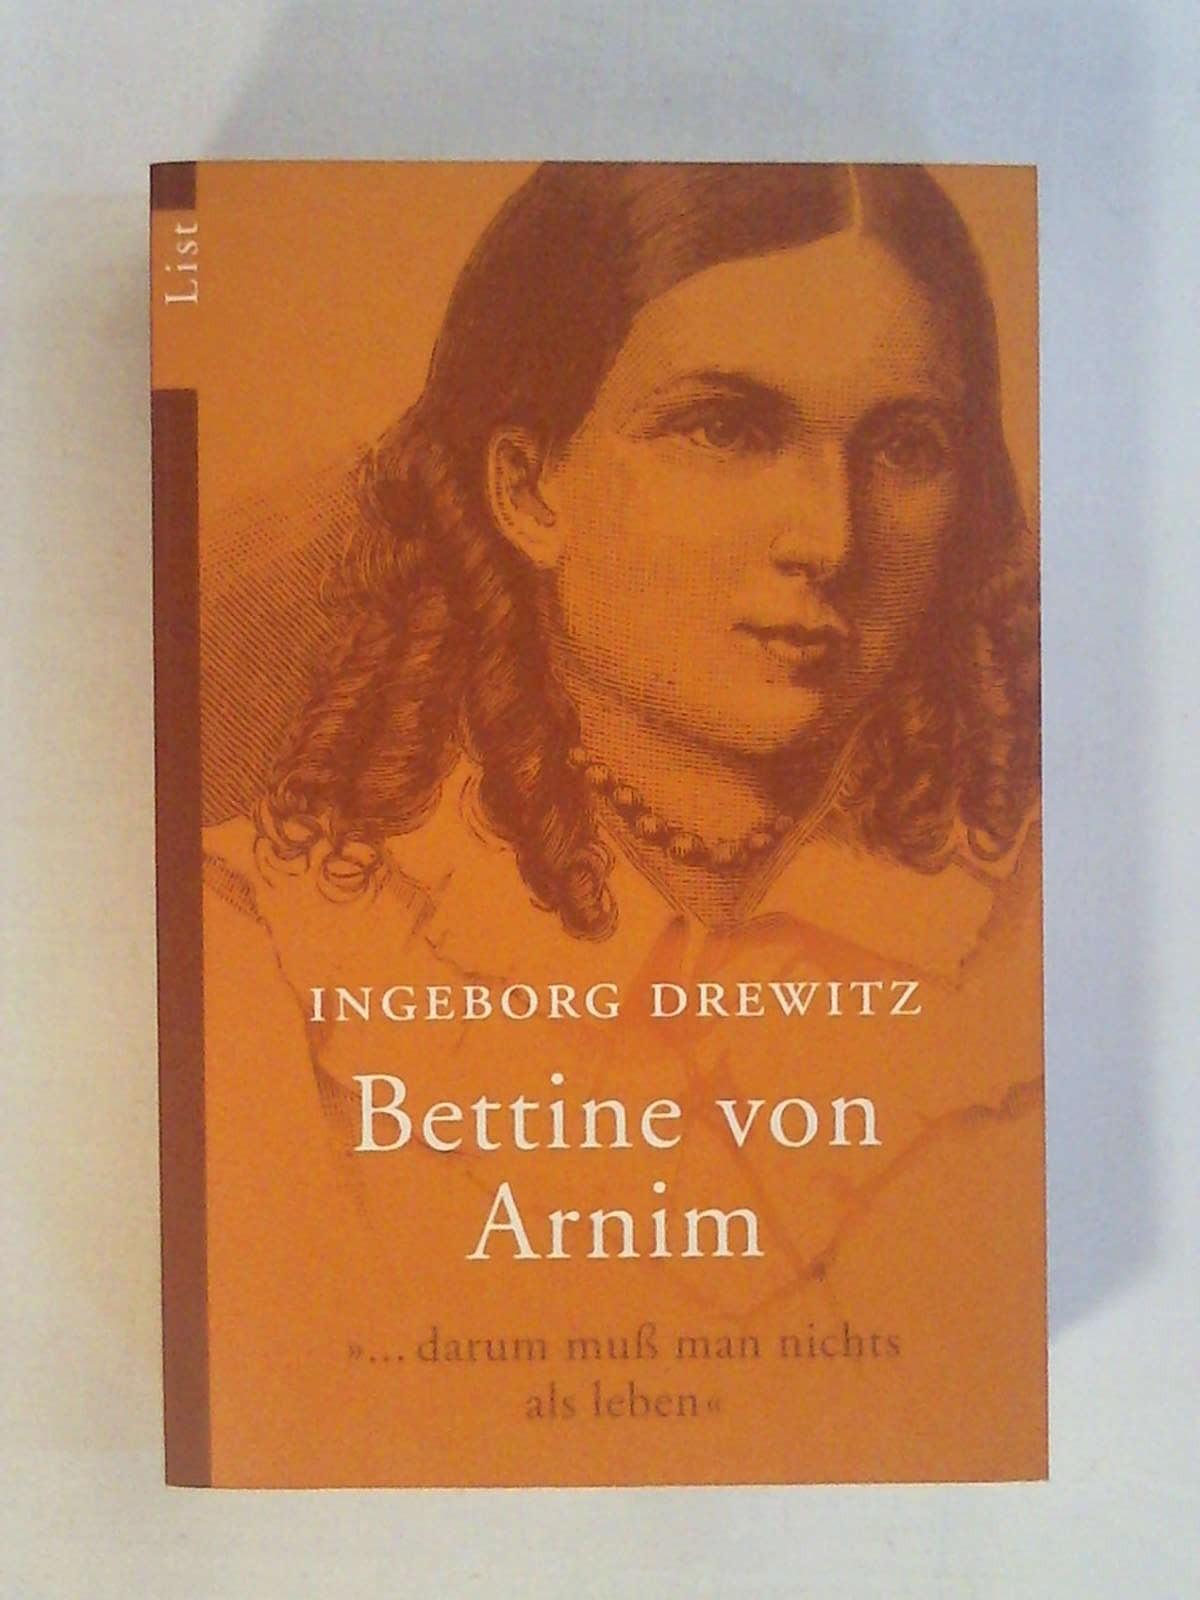 Bettine von Arnim: ... darum muß man nichts als leben - Ingeborg Drewitz